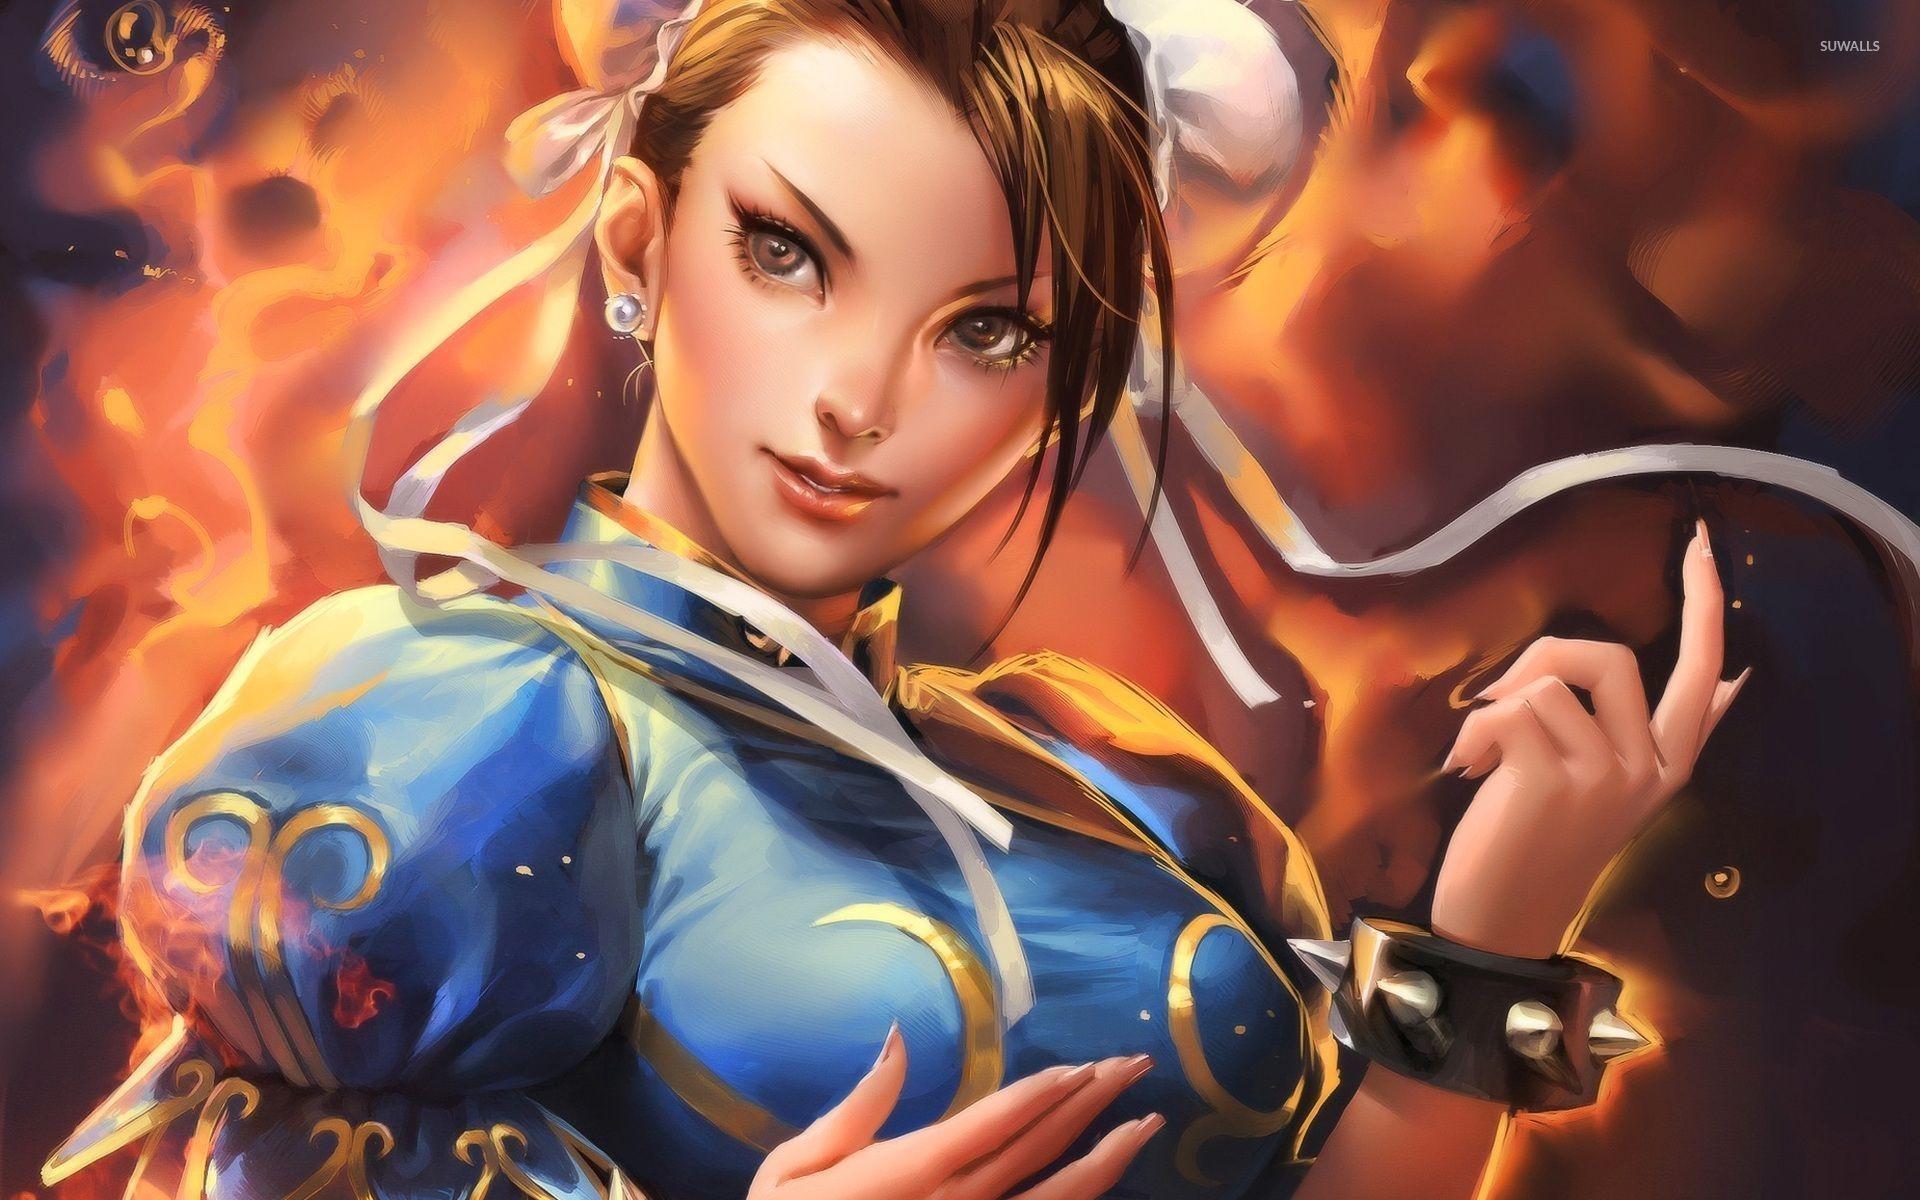 Res: 1920x1200, Chun-Li - Street Fighter IV wallpaper